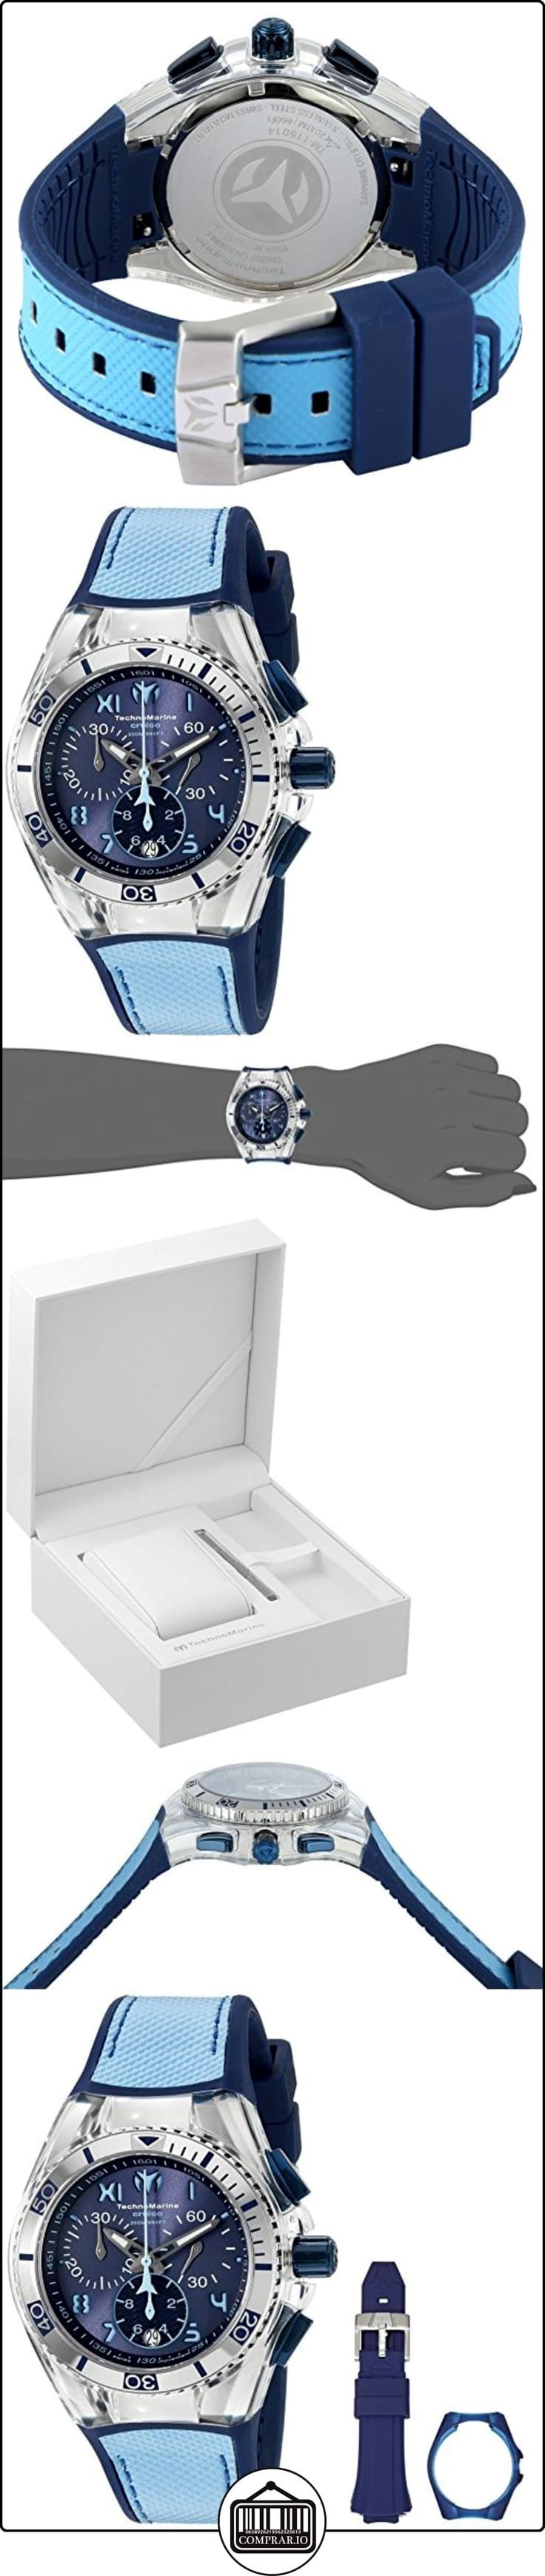 Reloj - TechnoMarine - Para Unisex - TM-115014  ✿ Relojes para hombre - (Lujo) ✿